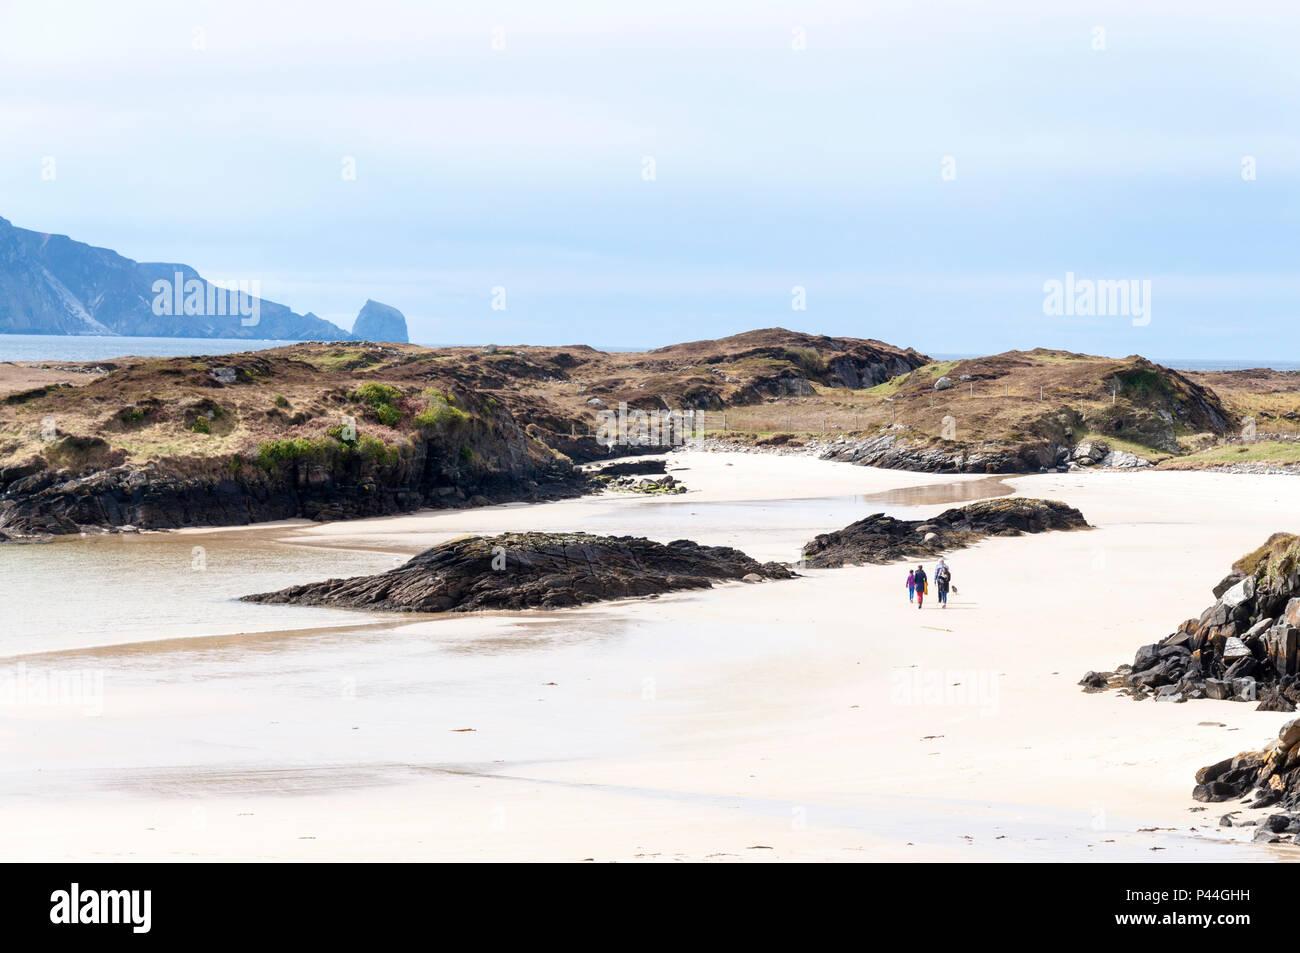 Caminando por la playa familiar en Rosbeg, Condado de Donegal, Irlanda Imagen De Stock